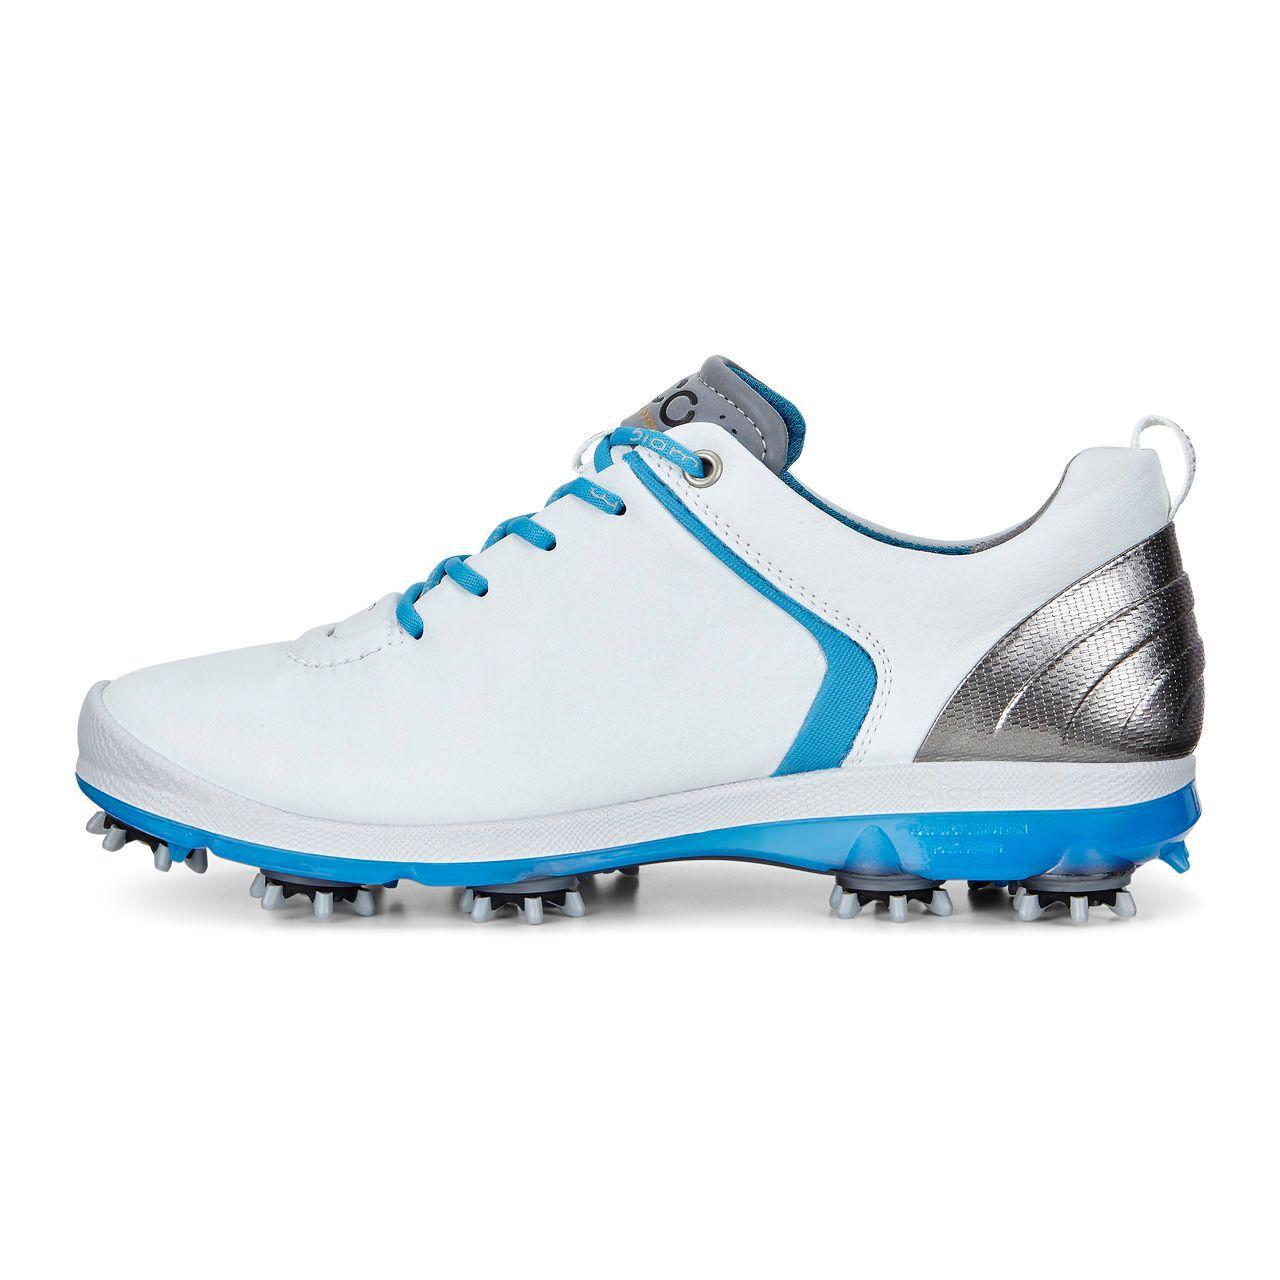 ... ECCO Womens Golf Biom G2ECCO Womens Golf Biom G2 WHITE/DANUBE (55234)  ...